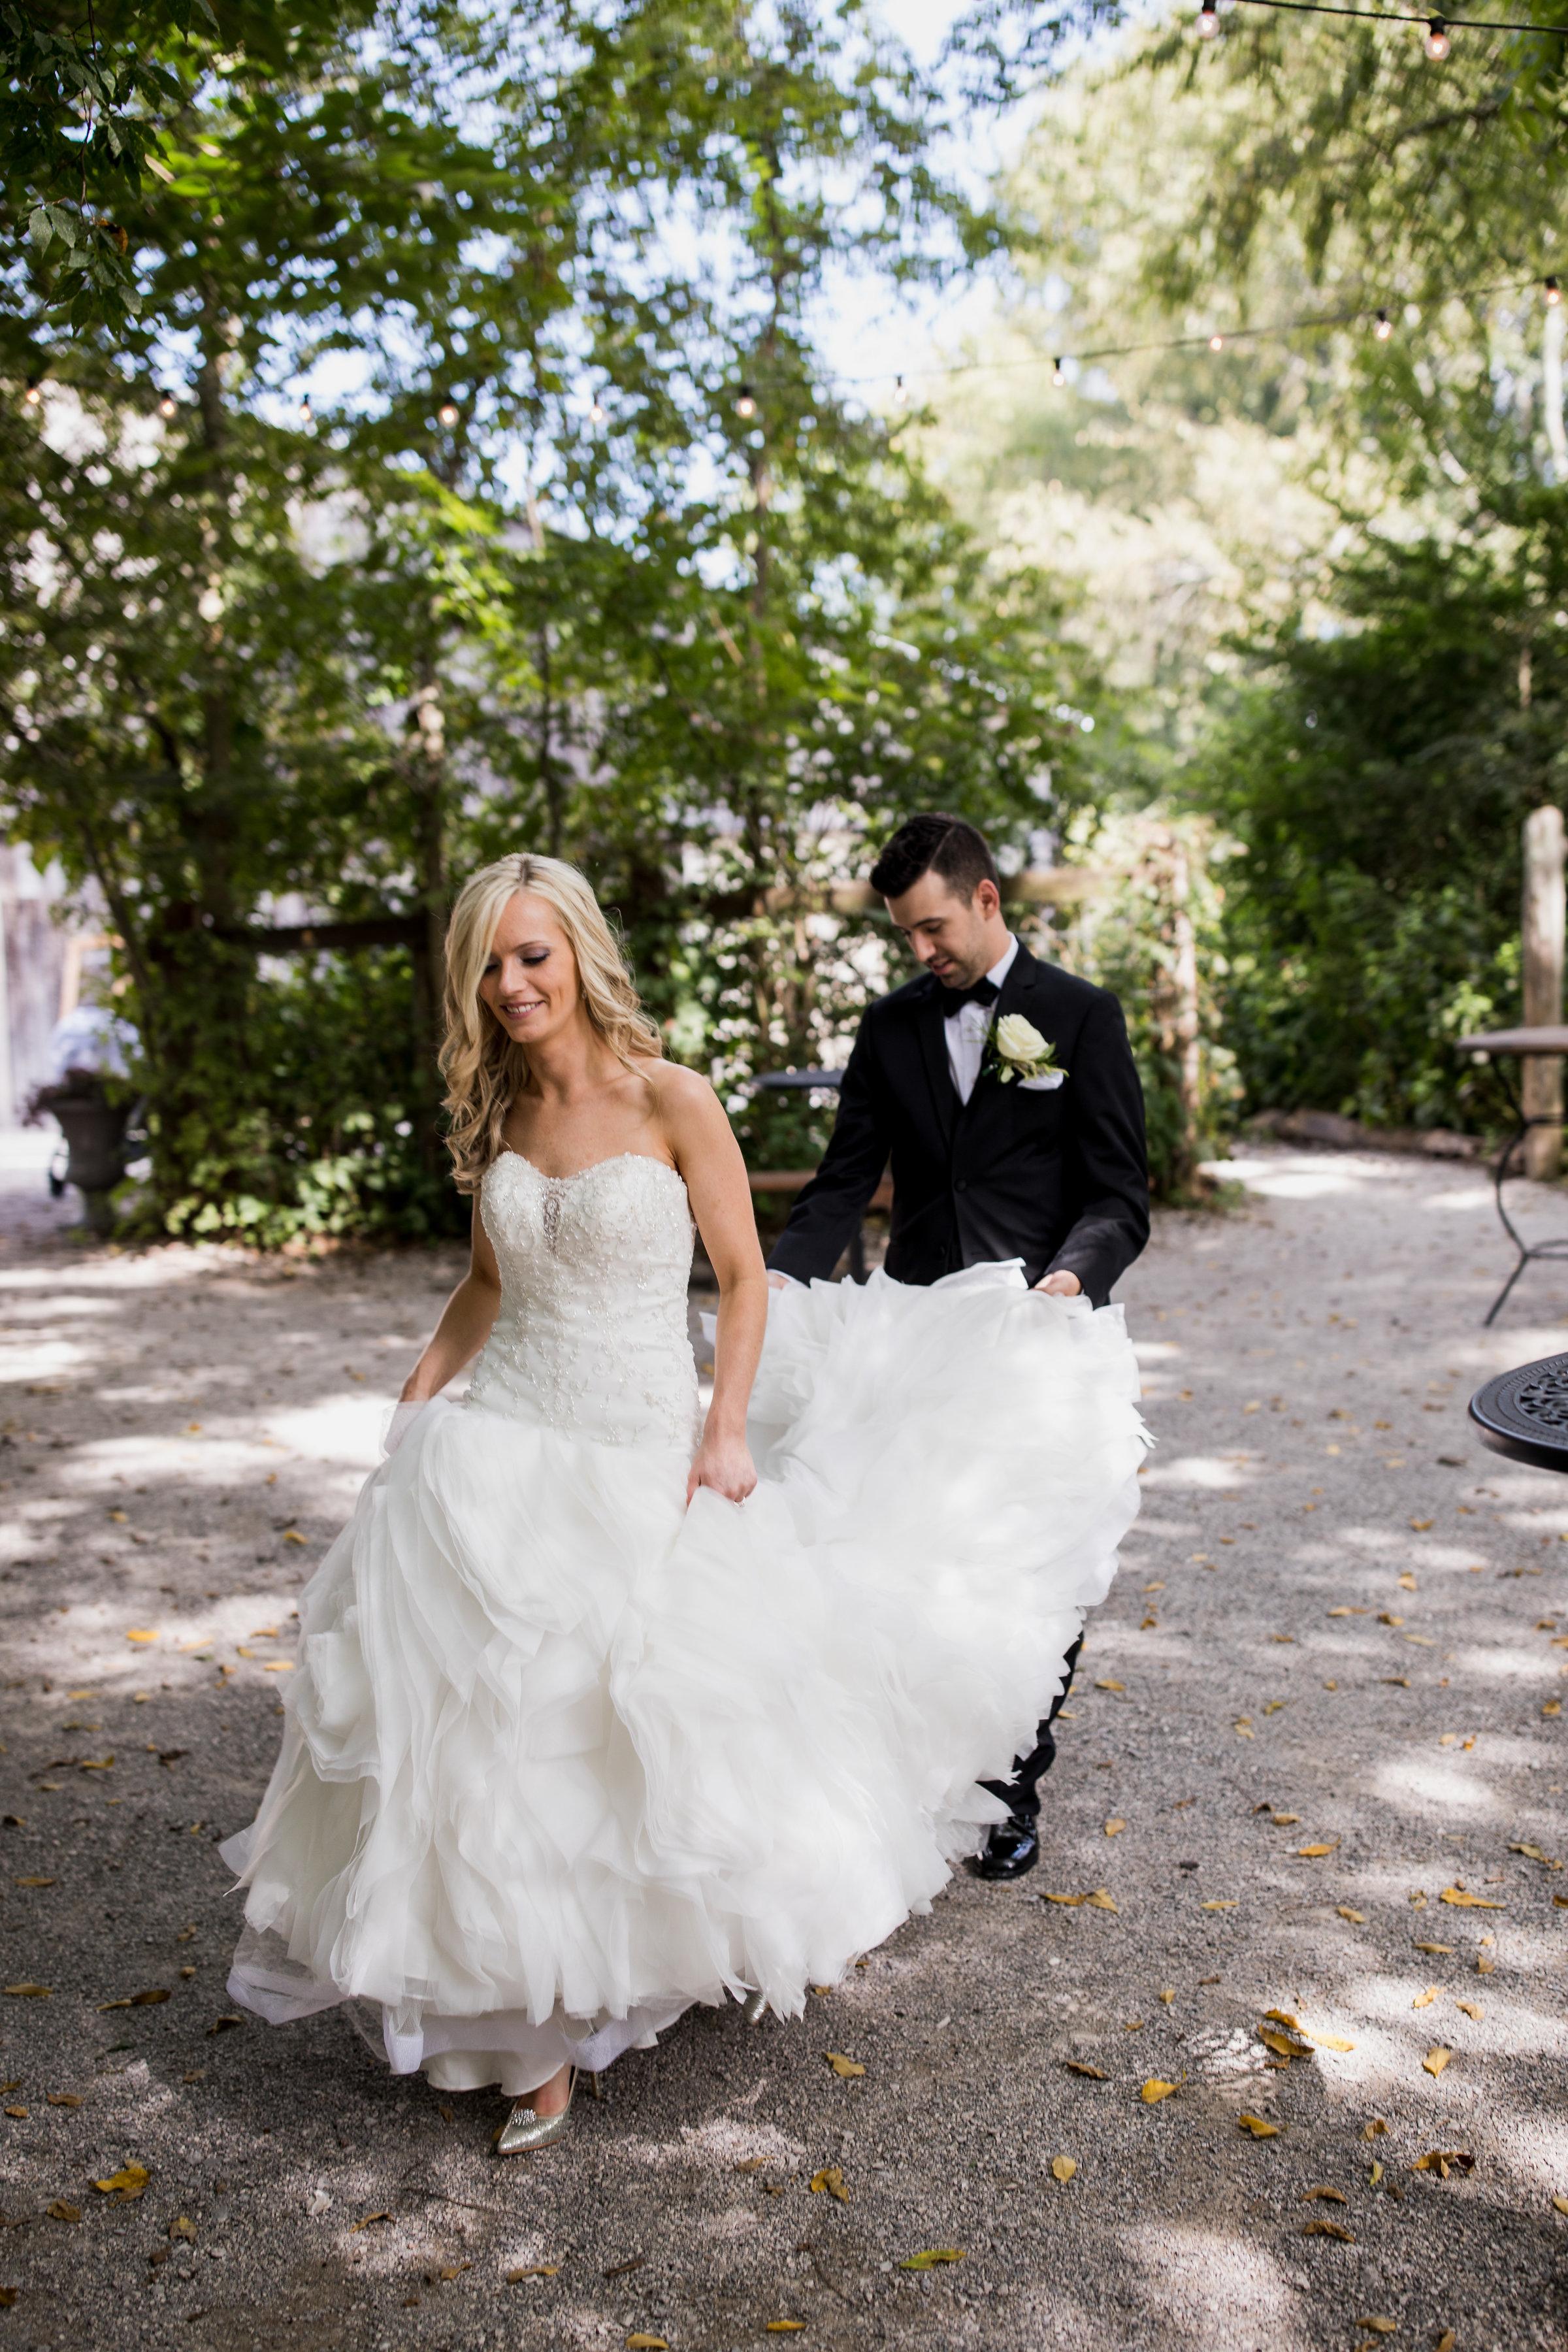 Meadow-Hill-Farm-Wedding 13.jpg